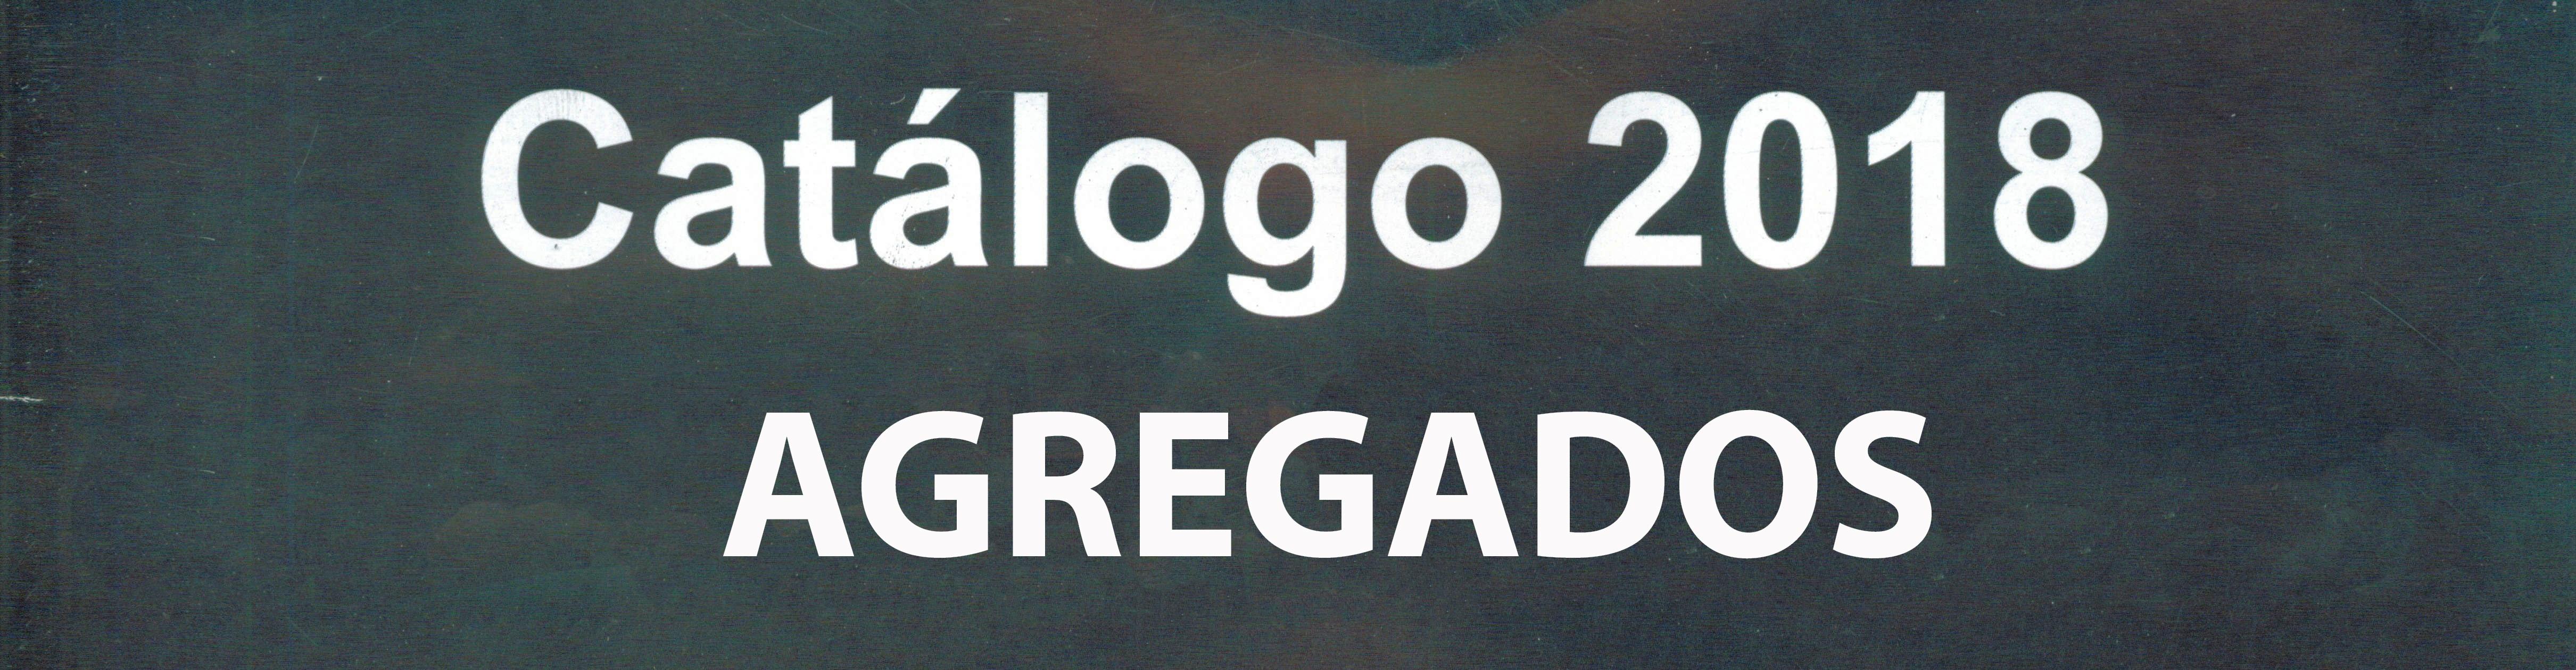 AGREGADOS CATALOGO 2018 (ENERO 2019) (2)